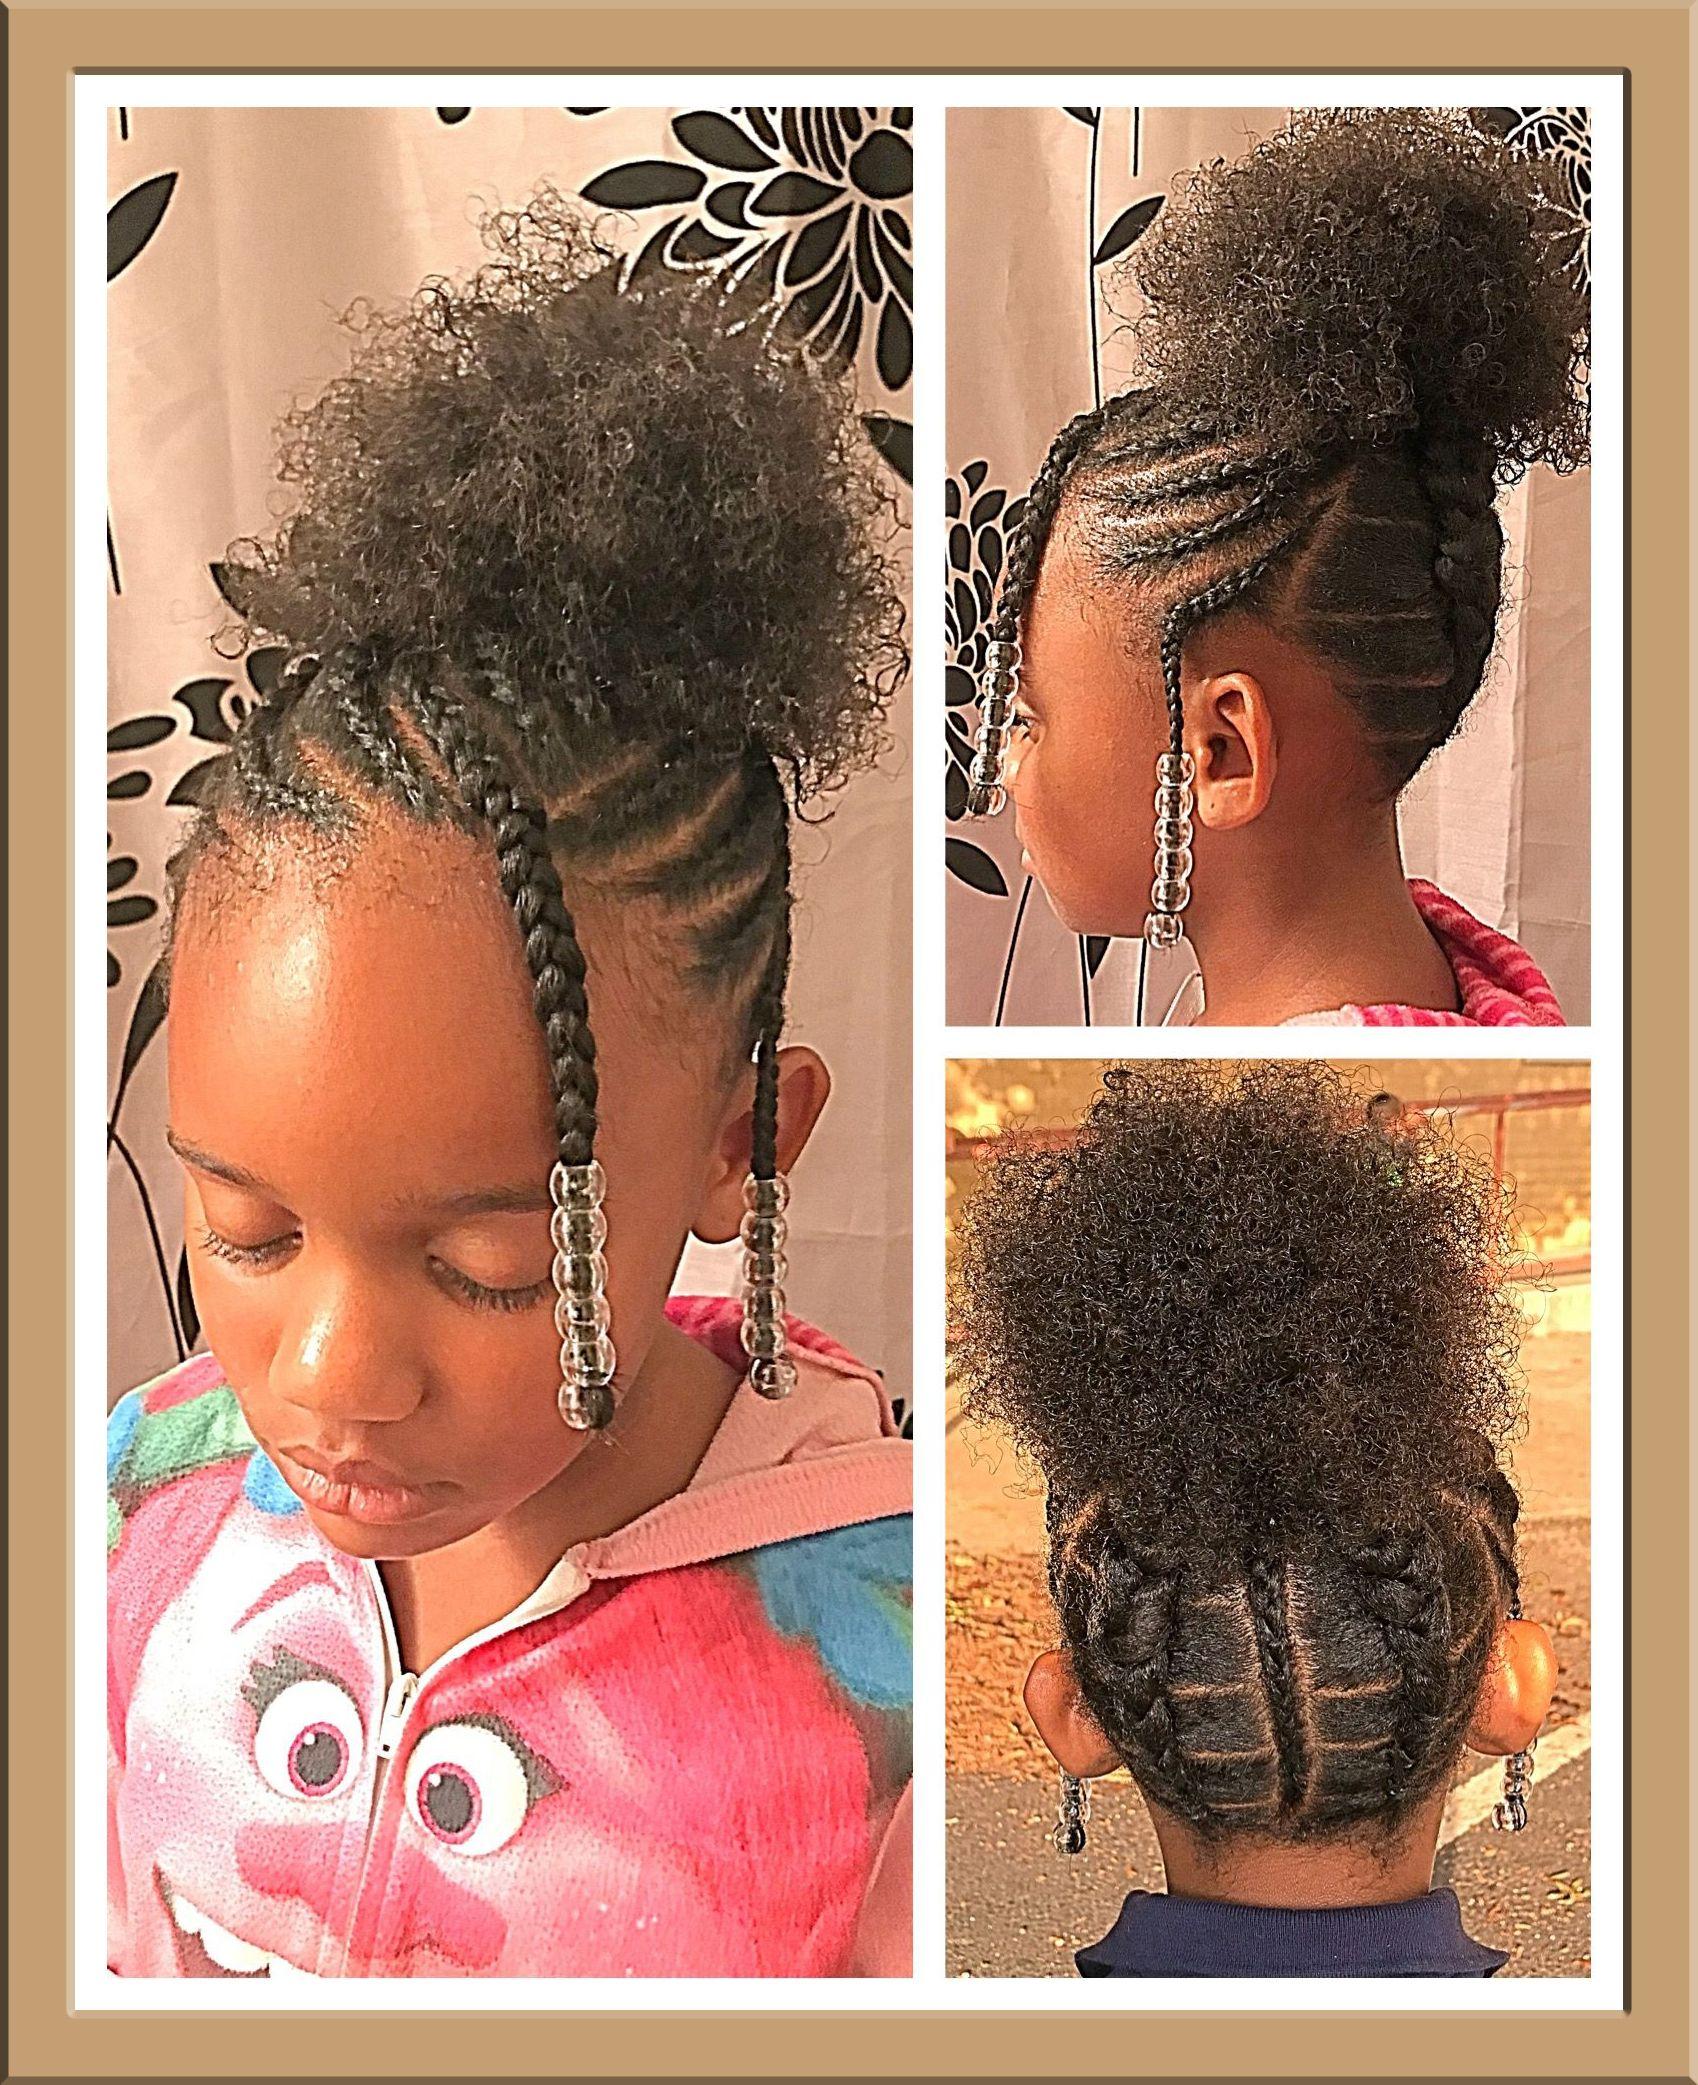 Se7en Worst Hair Styles Techniques – Dec 2020